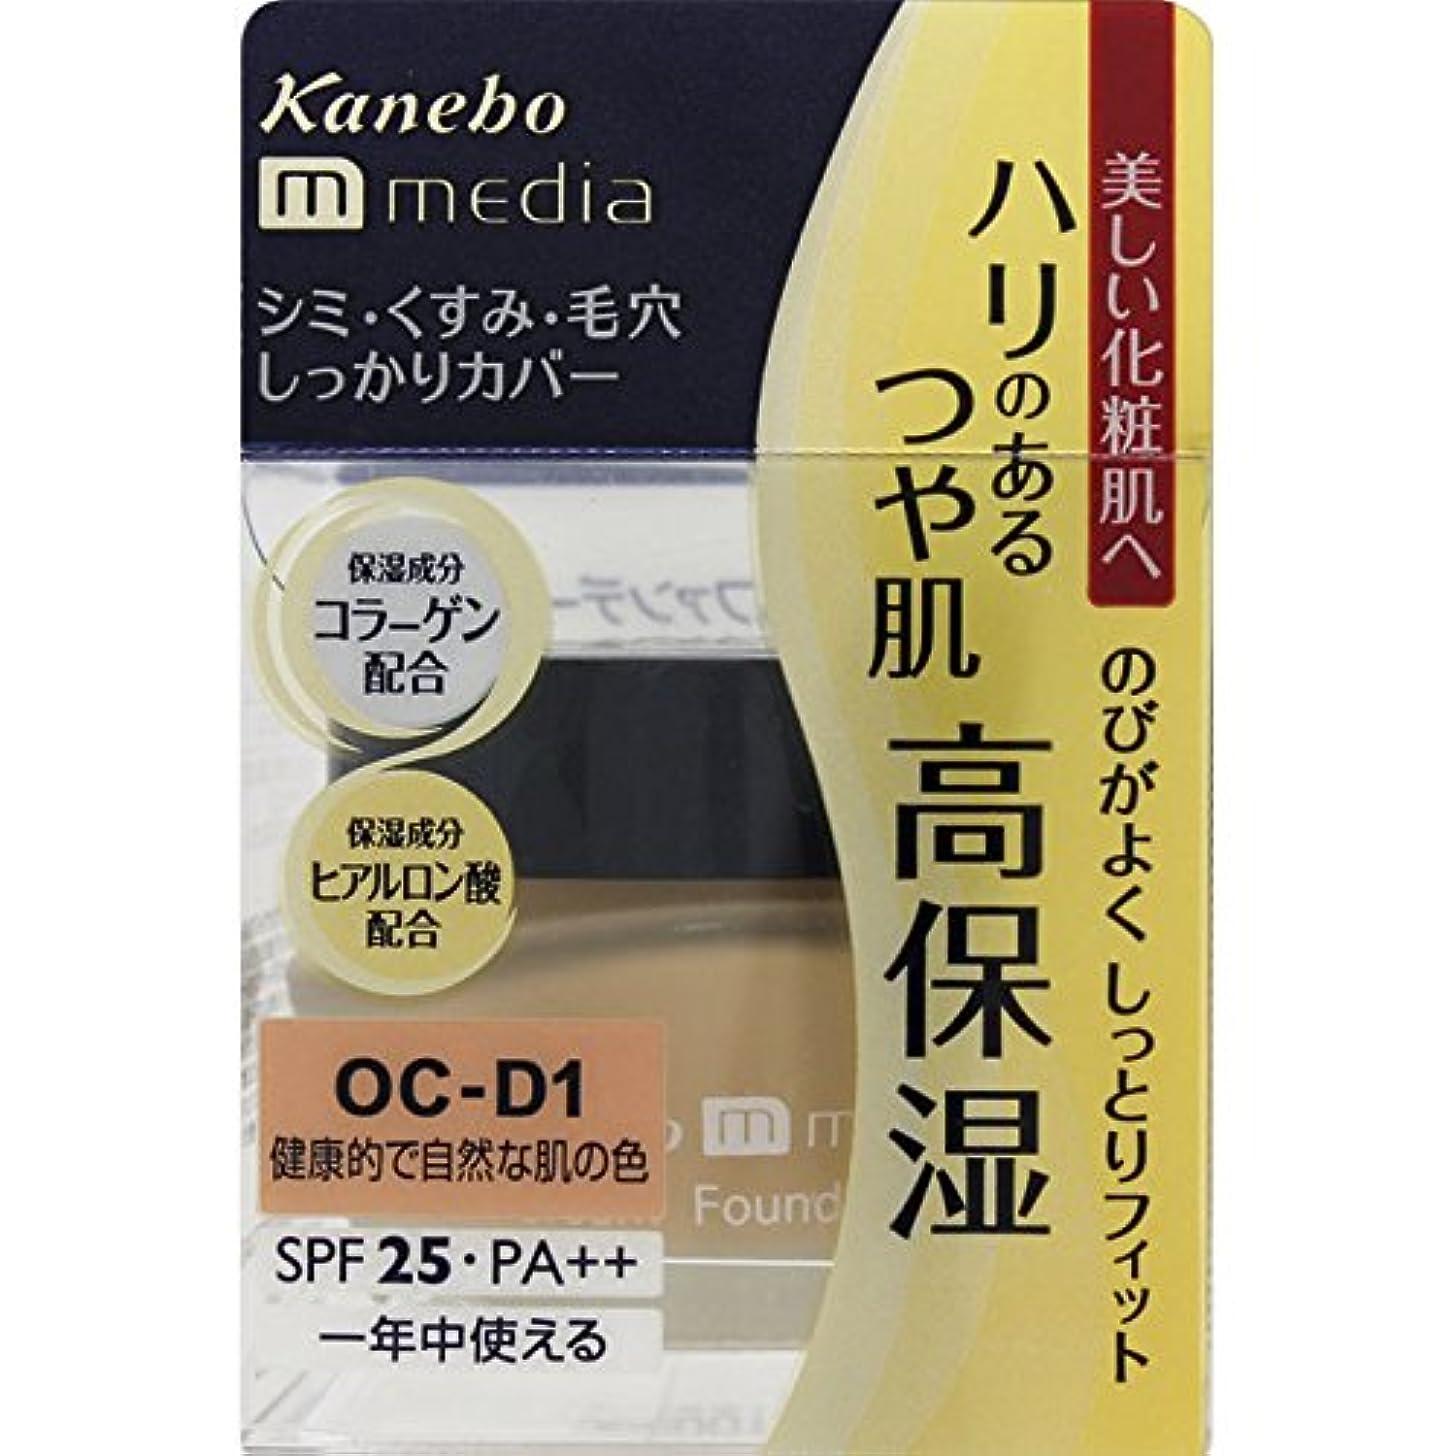 垂直パスポート刃カネボウ化粧品 メディア クリームファンデーション 健康的で自然な肌の色 OC-D1